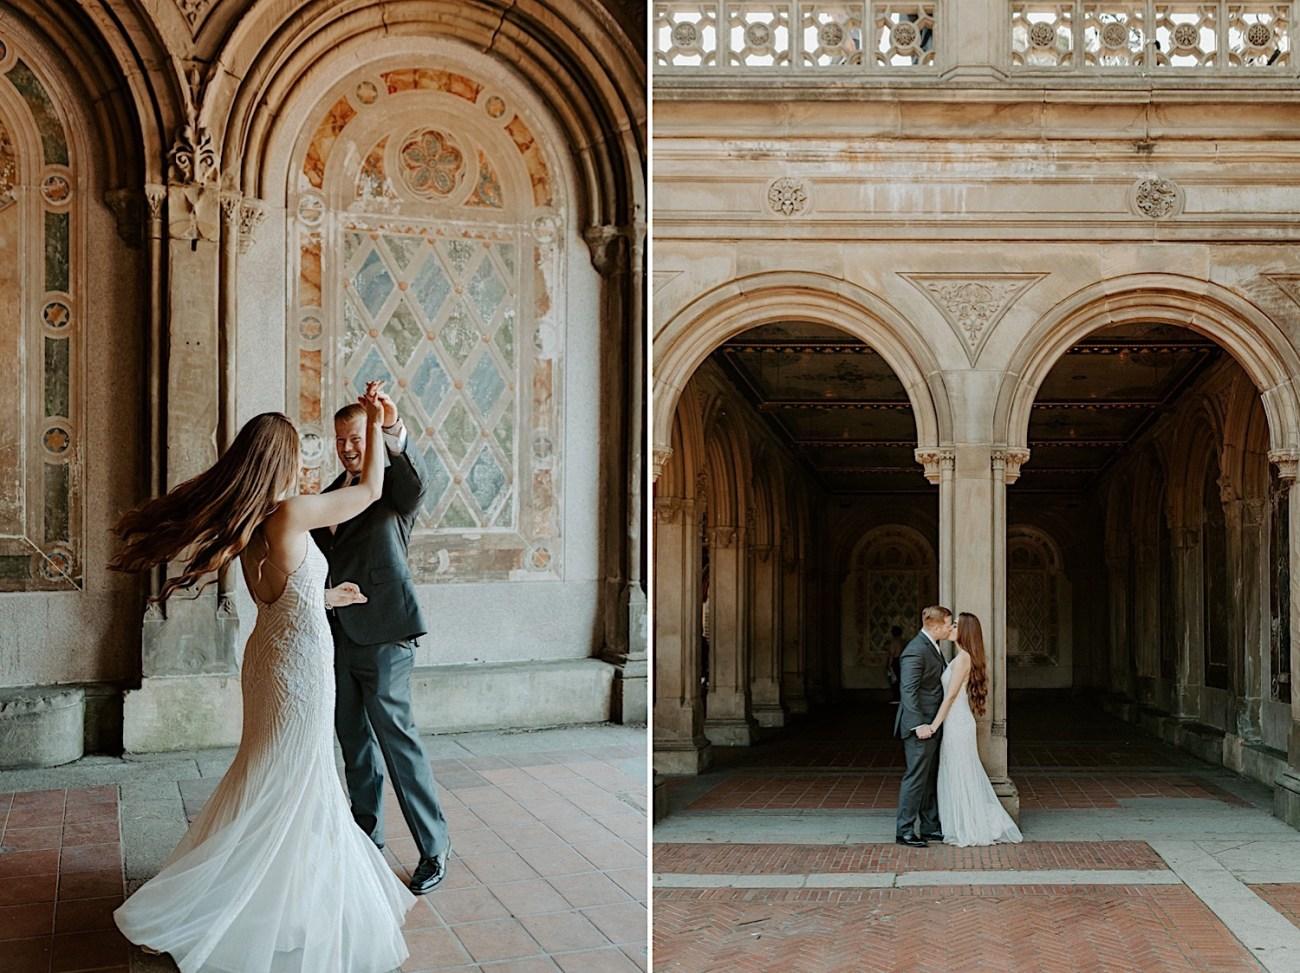 007 Central Park Elopement Bethesda Fountain Wedding Photos New York Wedding Photographer Central Park Wedding Photos